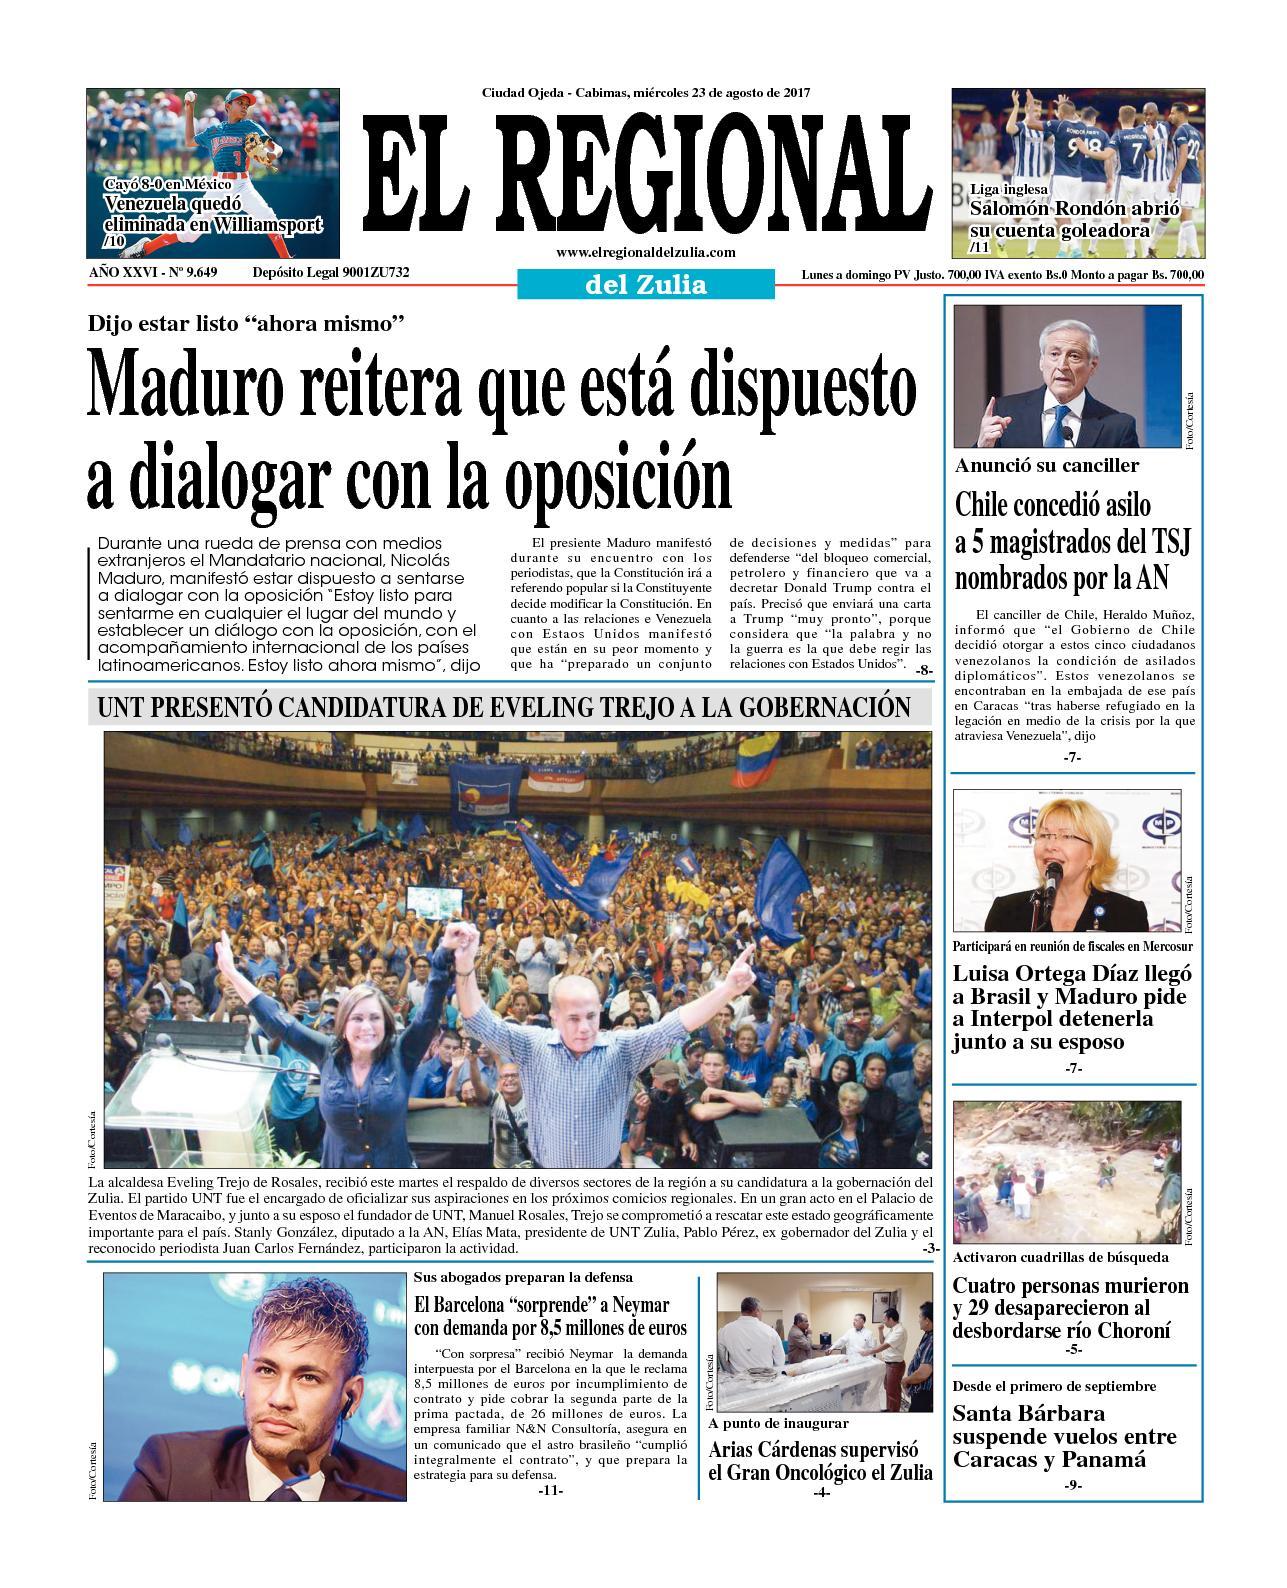 El Regional del Zulia 23-08-2017